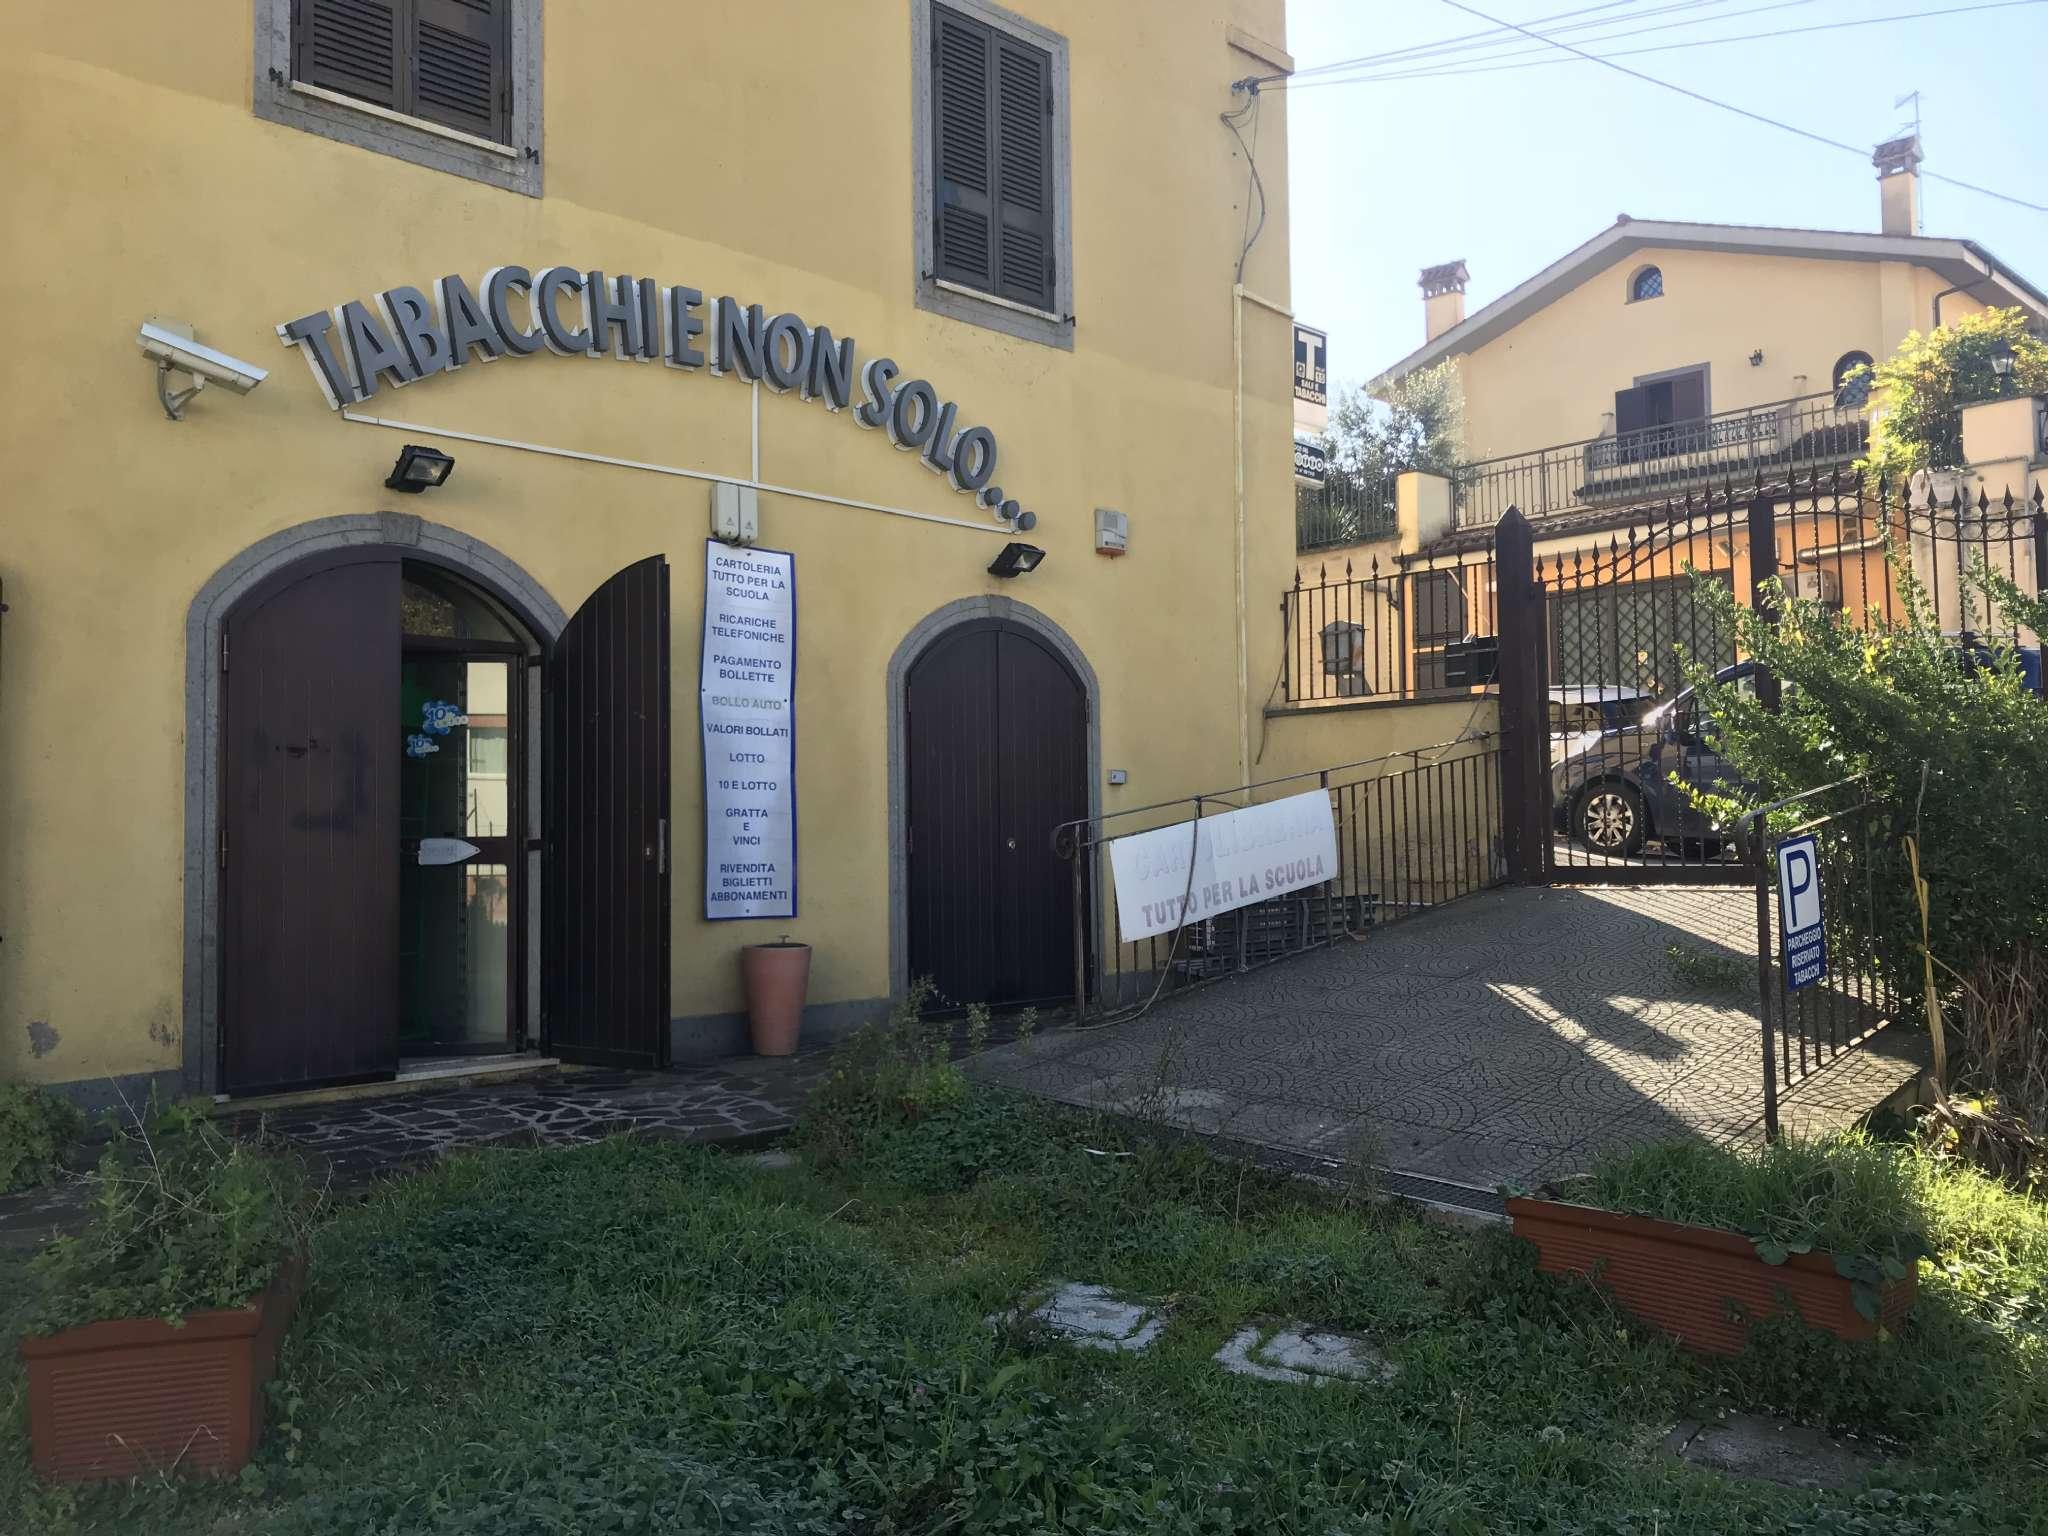 Immobili commerciali in vendita a grottaferrata for Immobili commerciali in affitto a roma